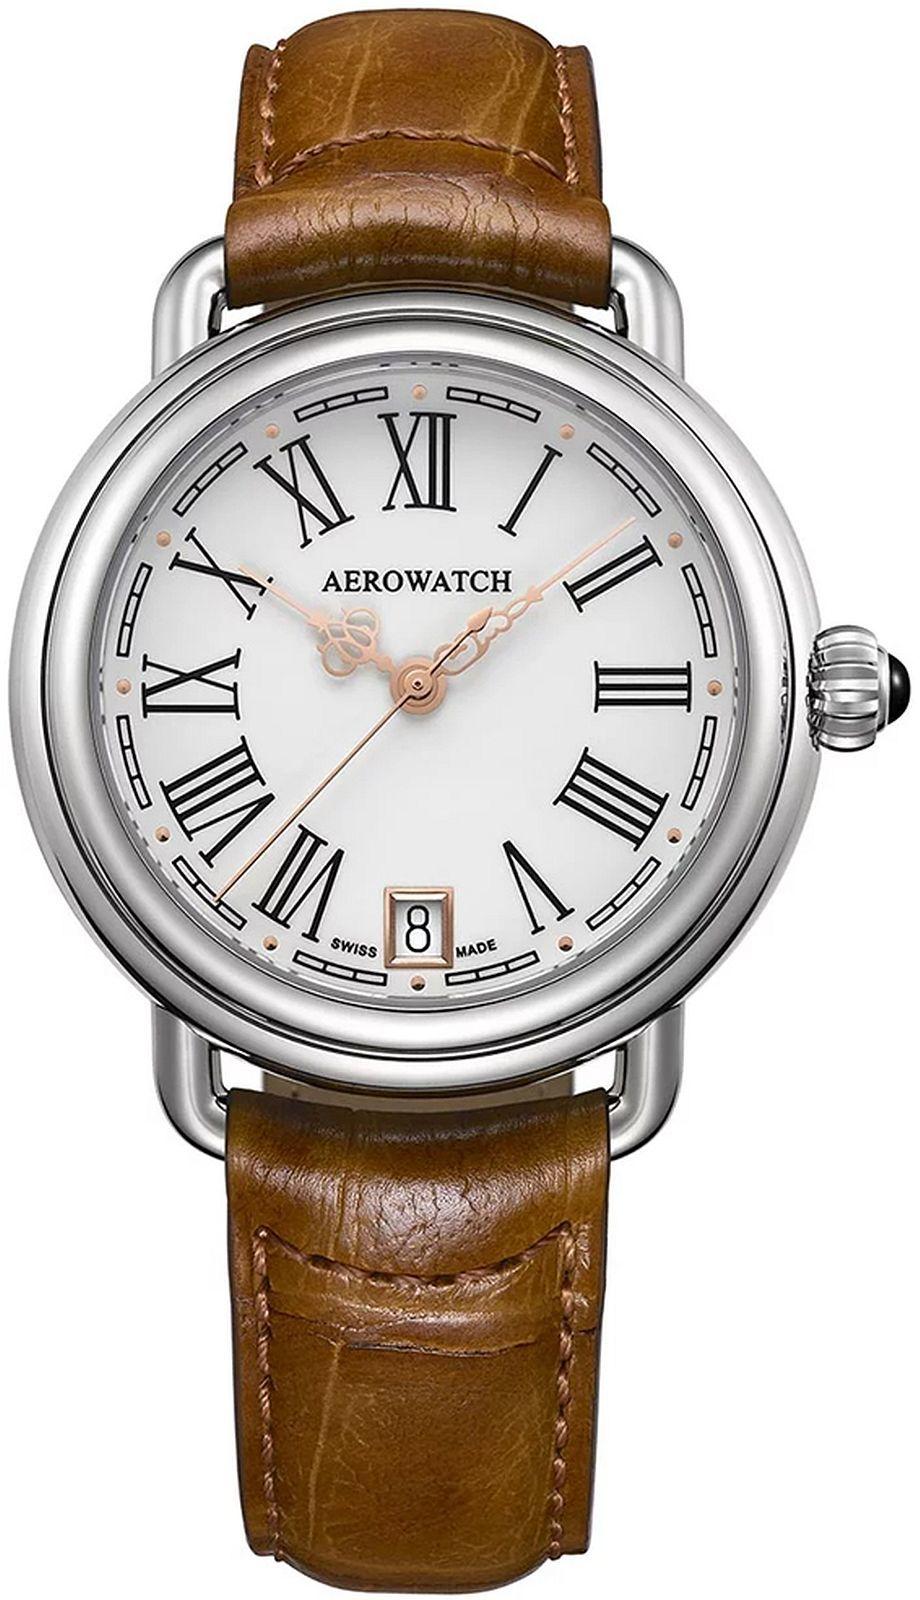 Aerowatch 42960-AA03 > Wysyłka tego samego dnia Grawer 0zł Darmowa dostawa Kurierem/Inpost Darmowy zwrot przez 100 DNI